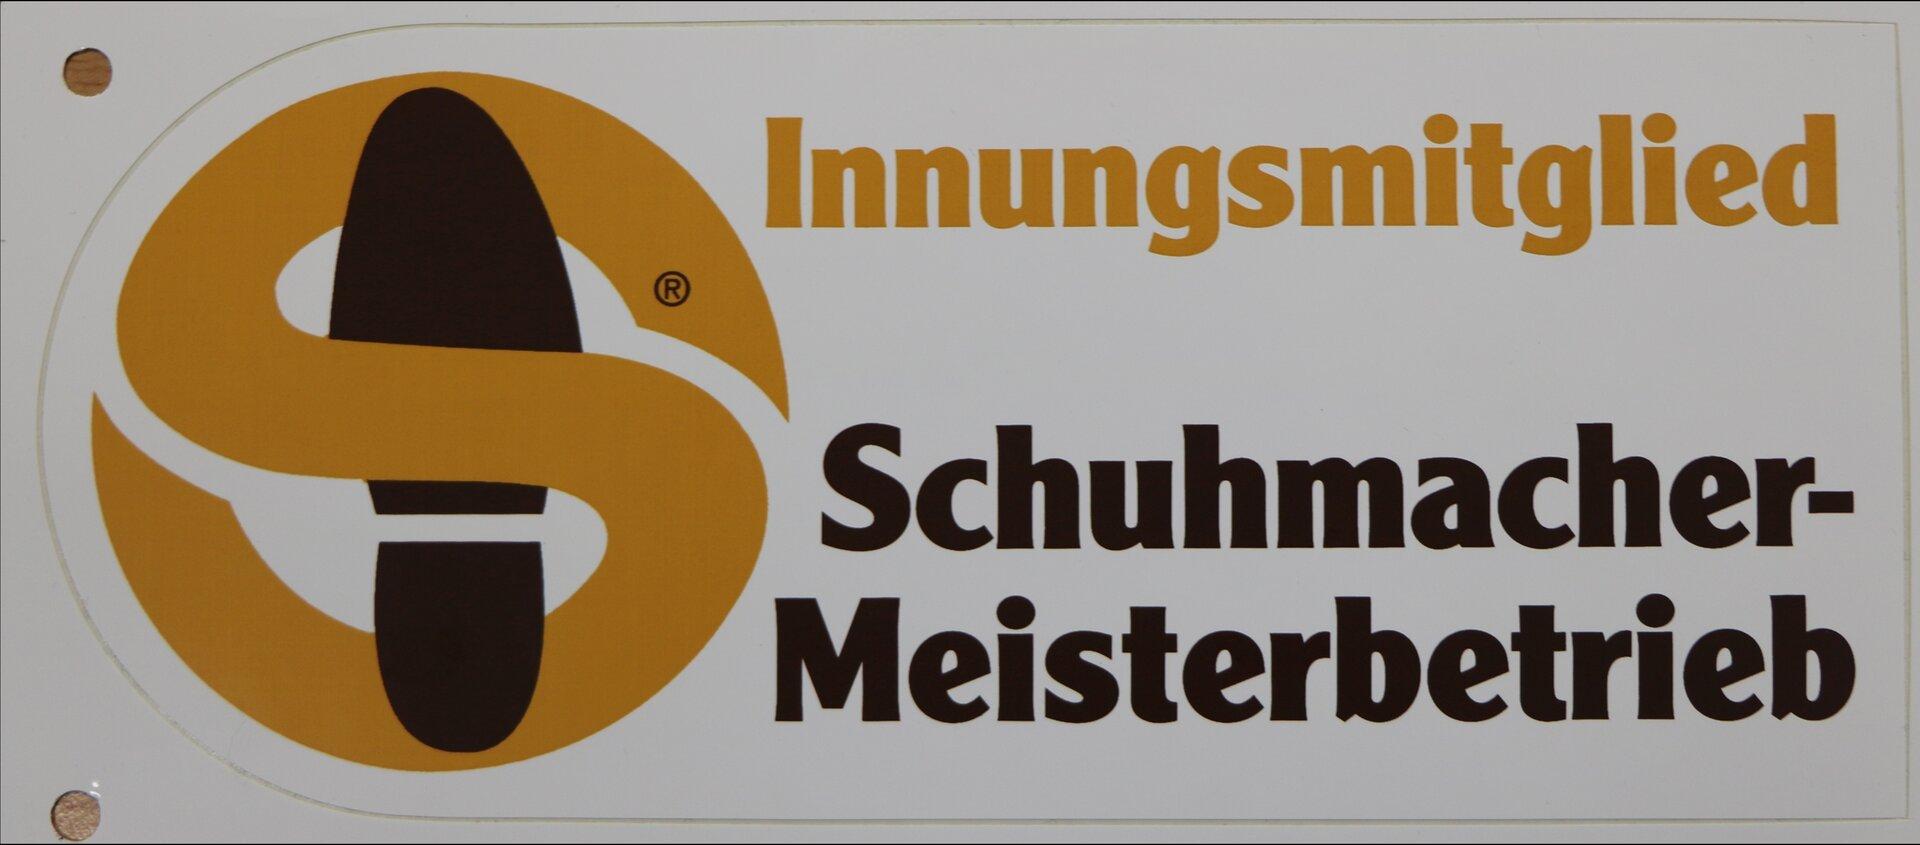 Innungsmitglied Schuhmachermeister